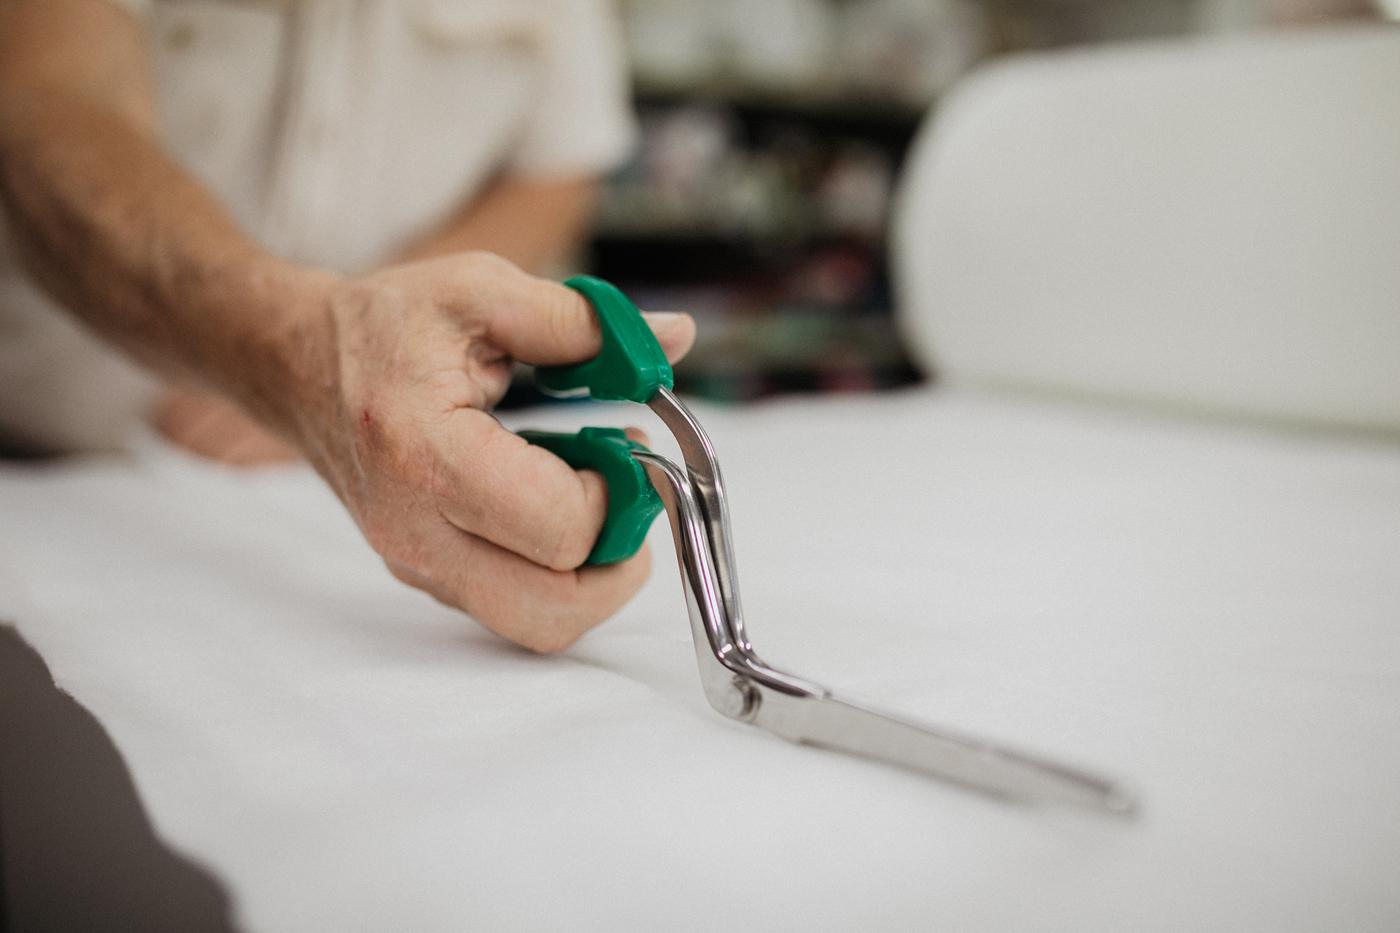 Cutting fabric sewing scissors